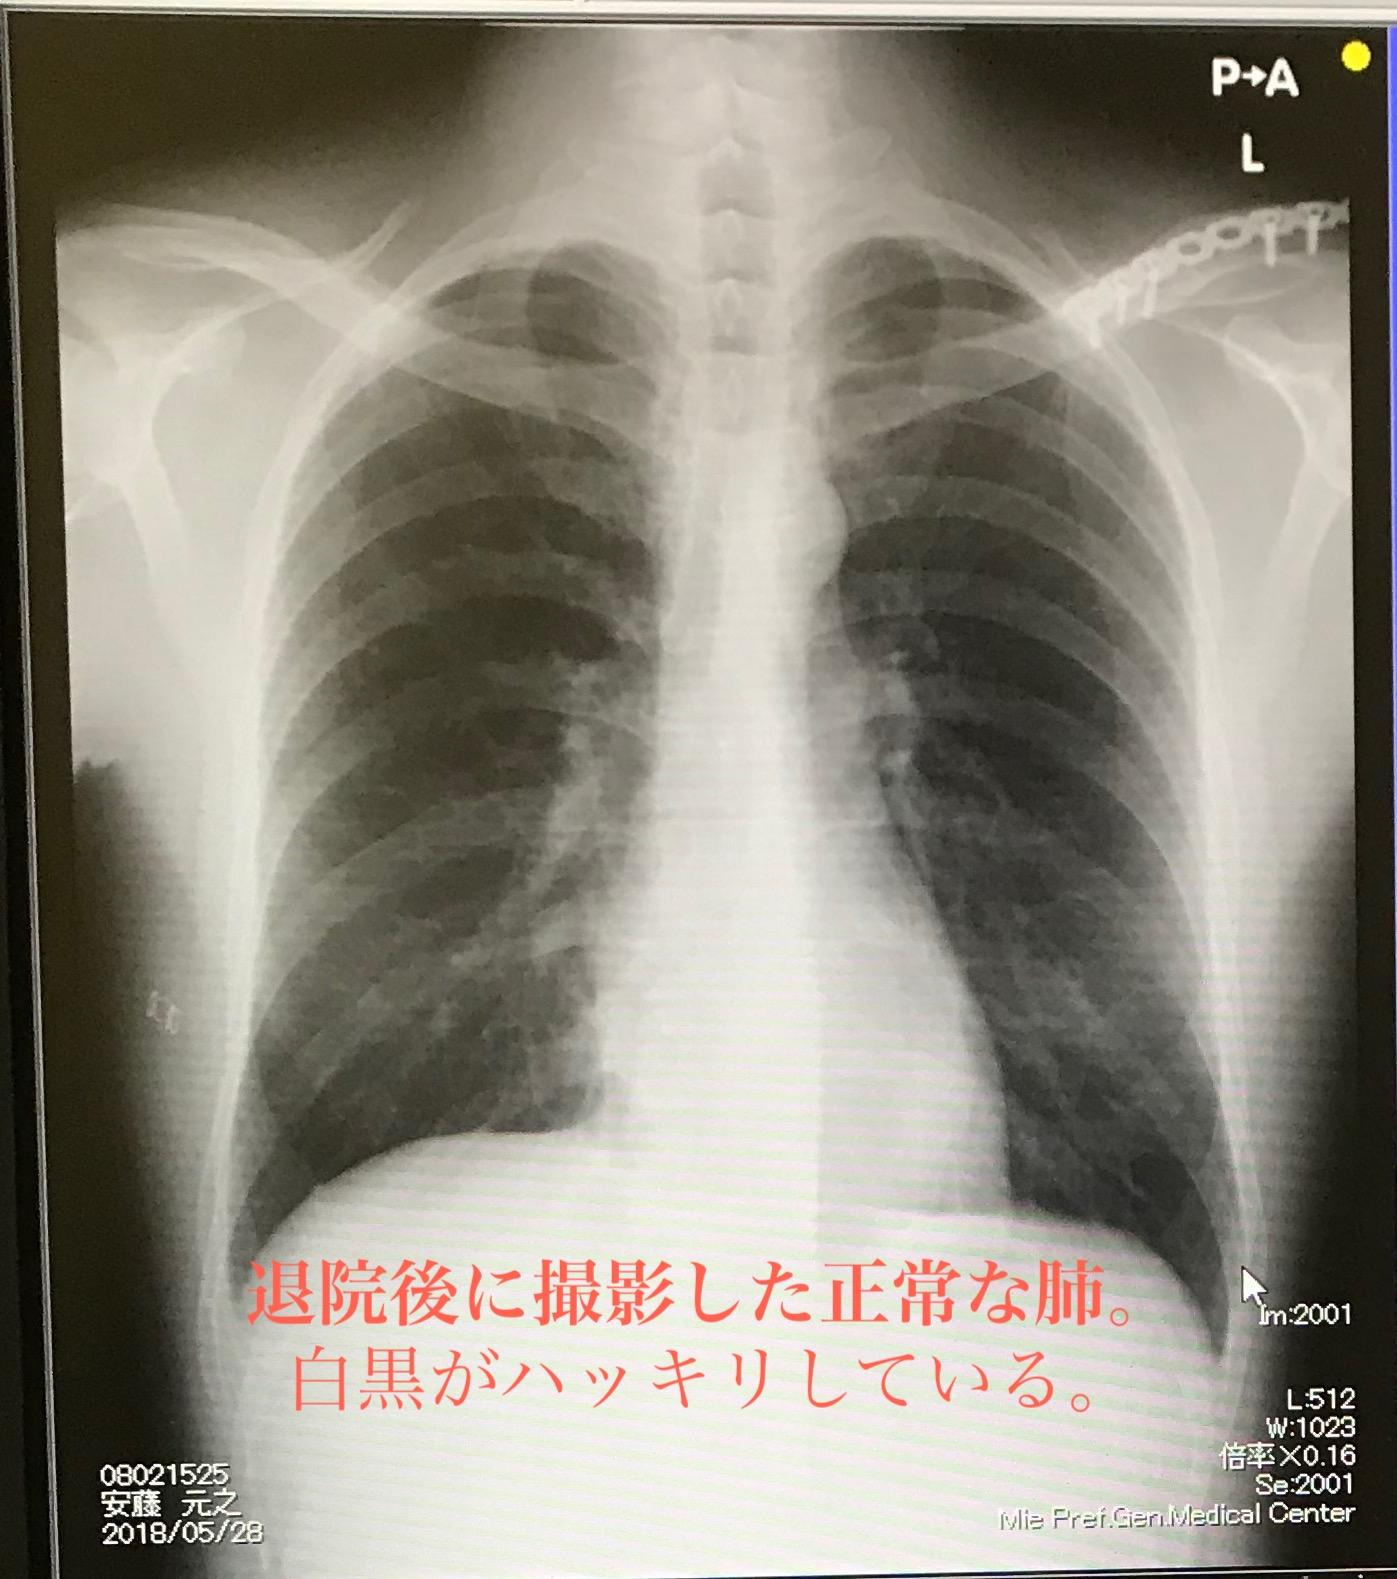 正常な肺のレントゲン写真